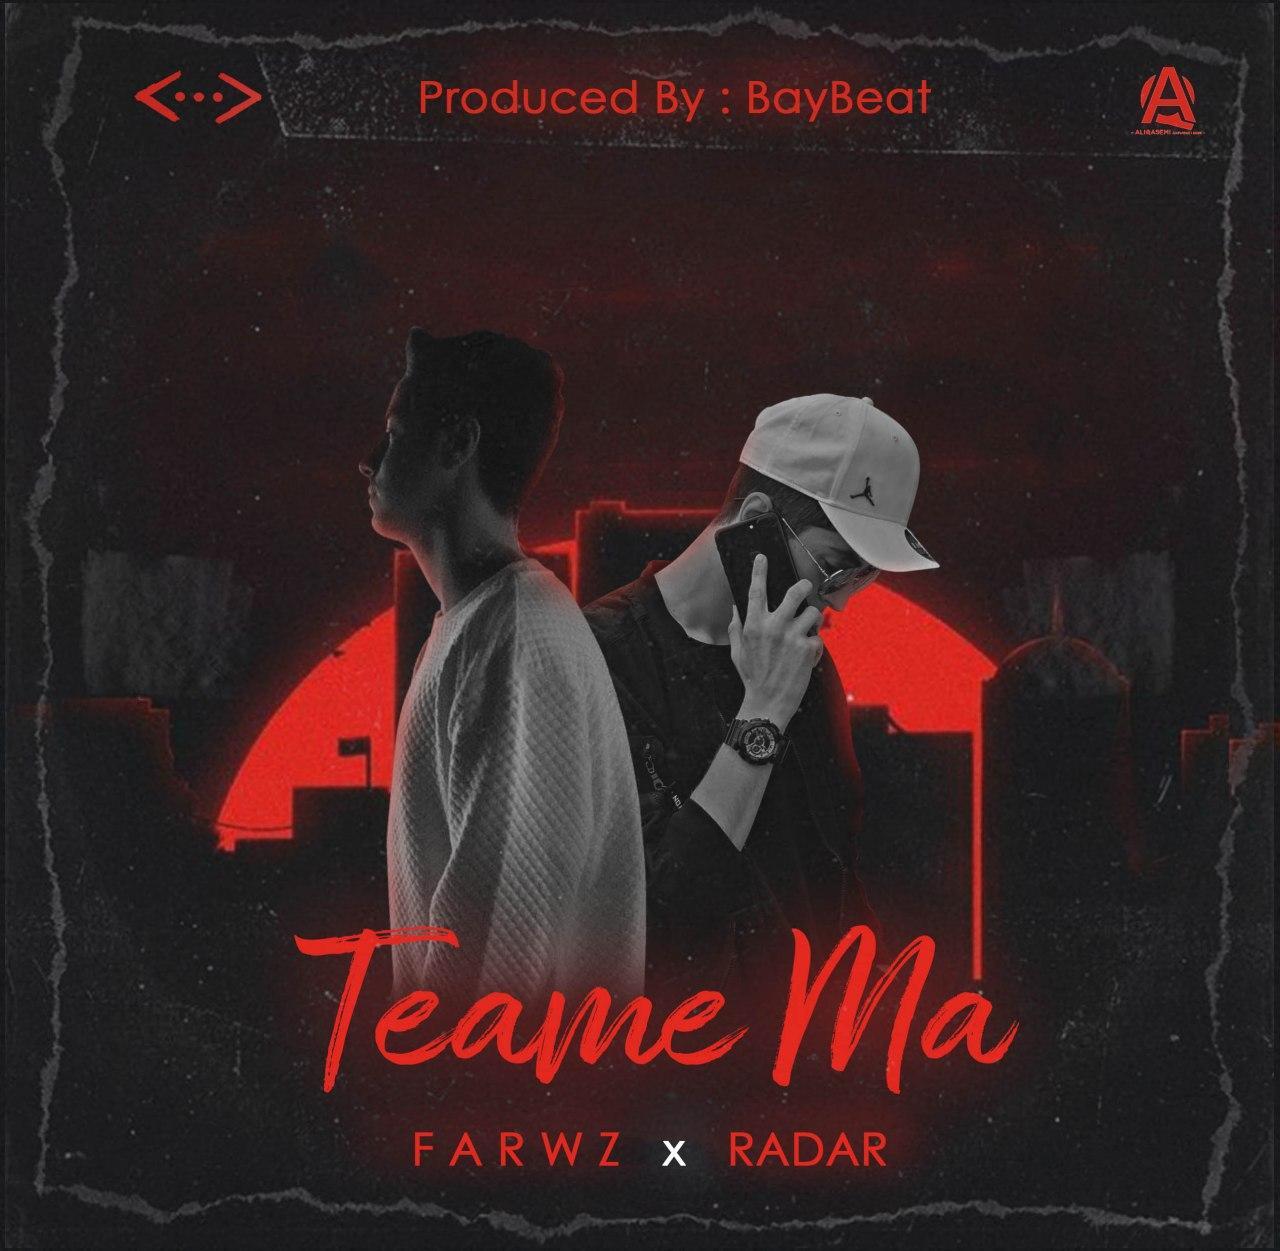 Farwz x Radar – Teame Ma